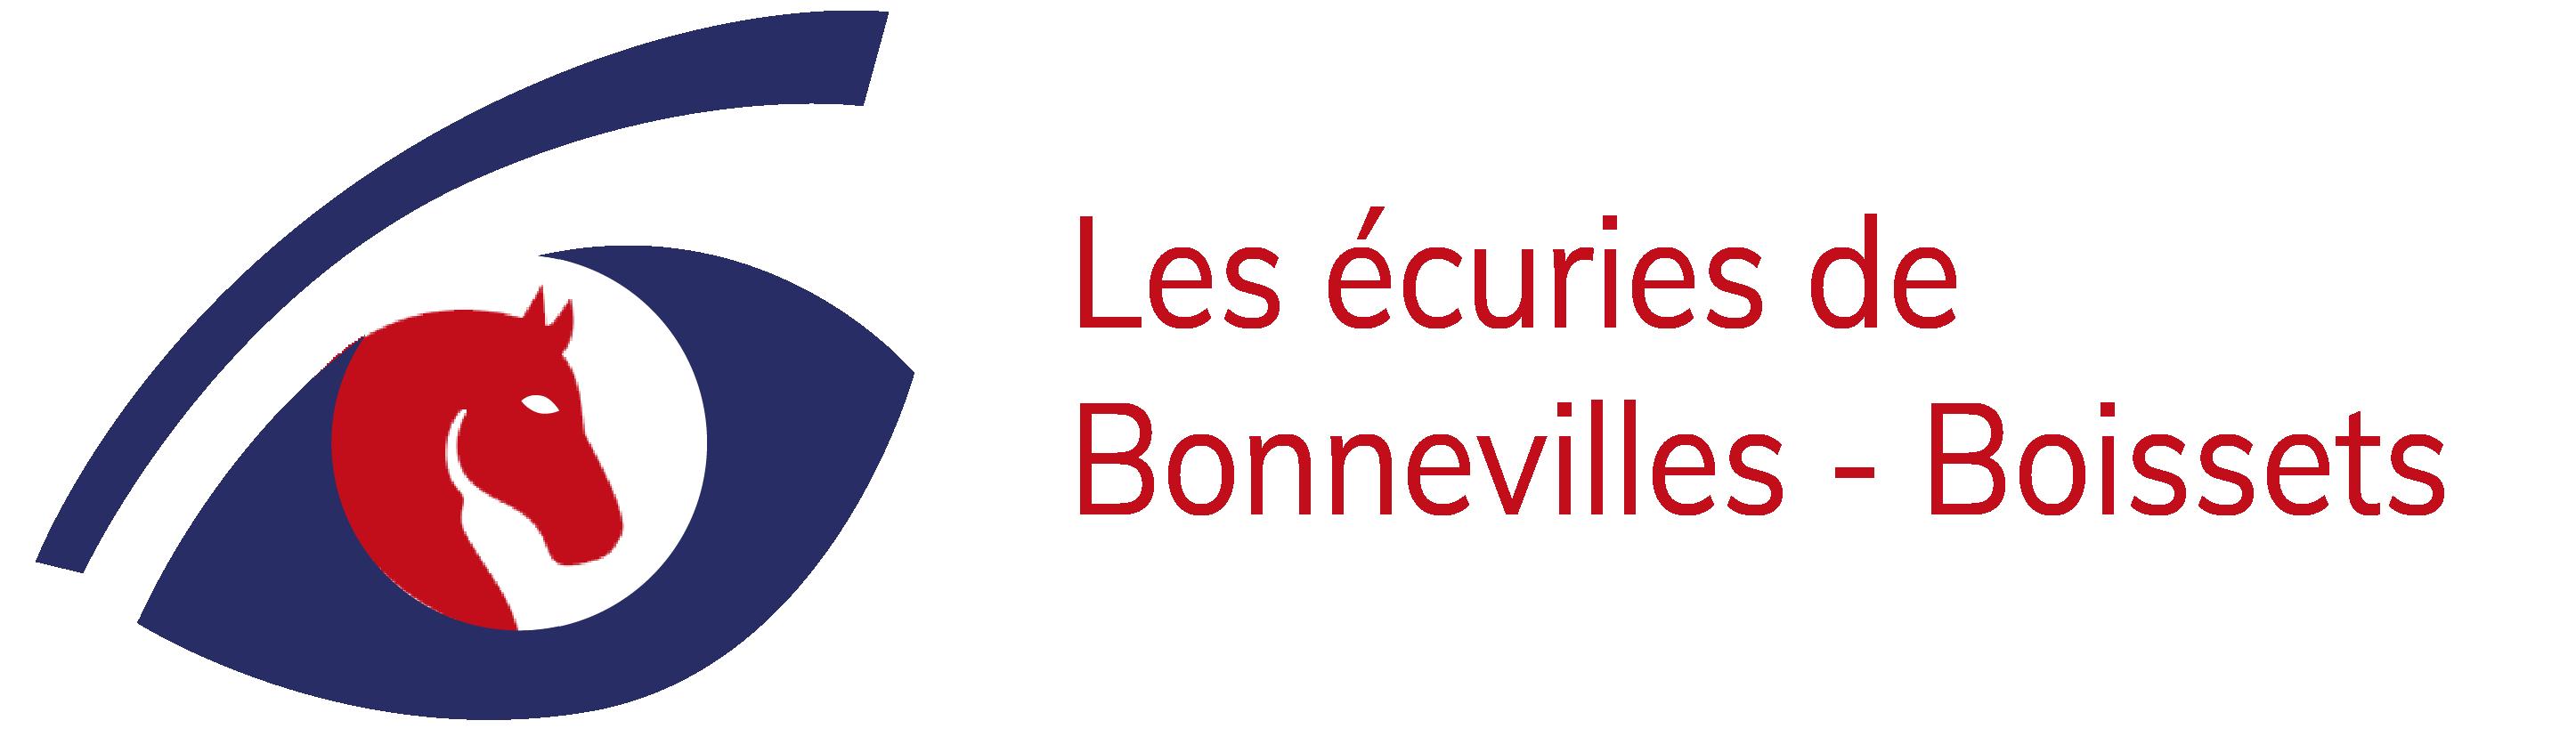 Ecurie de Bonneville